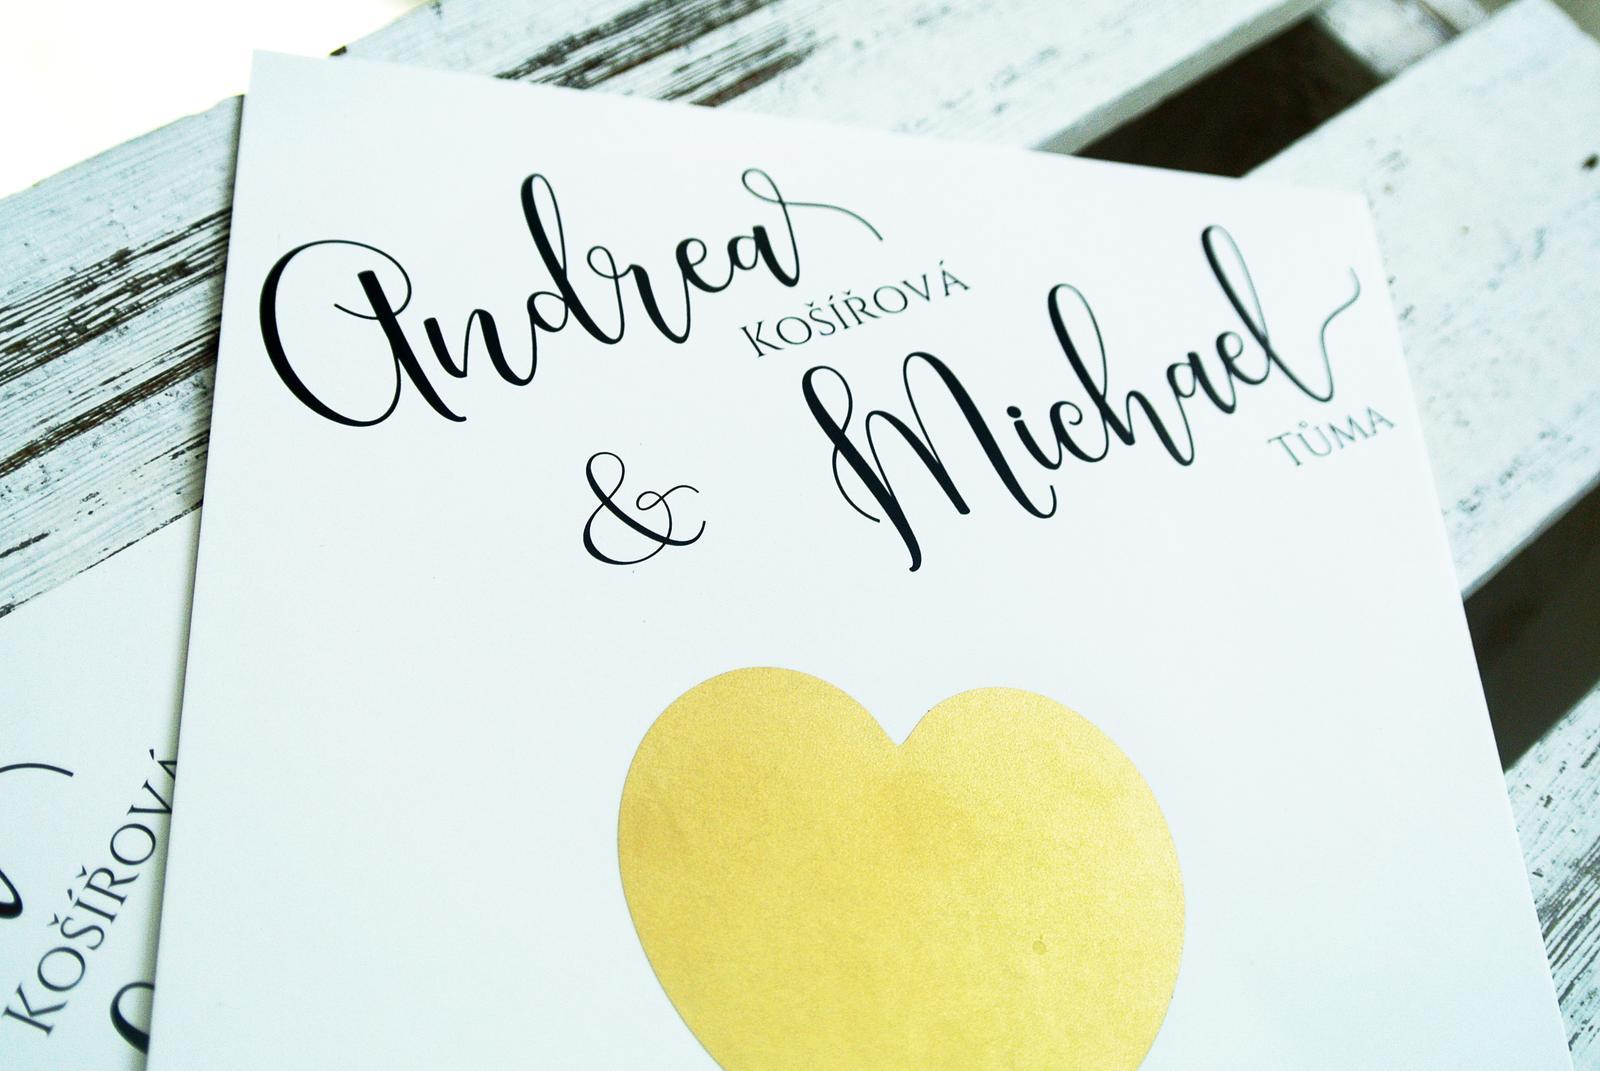 Stírací svatební oznámení - Obrázek č. 5